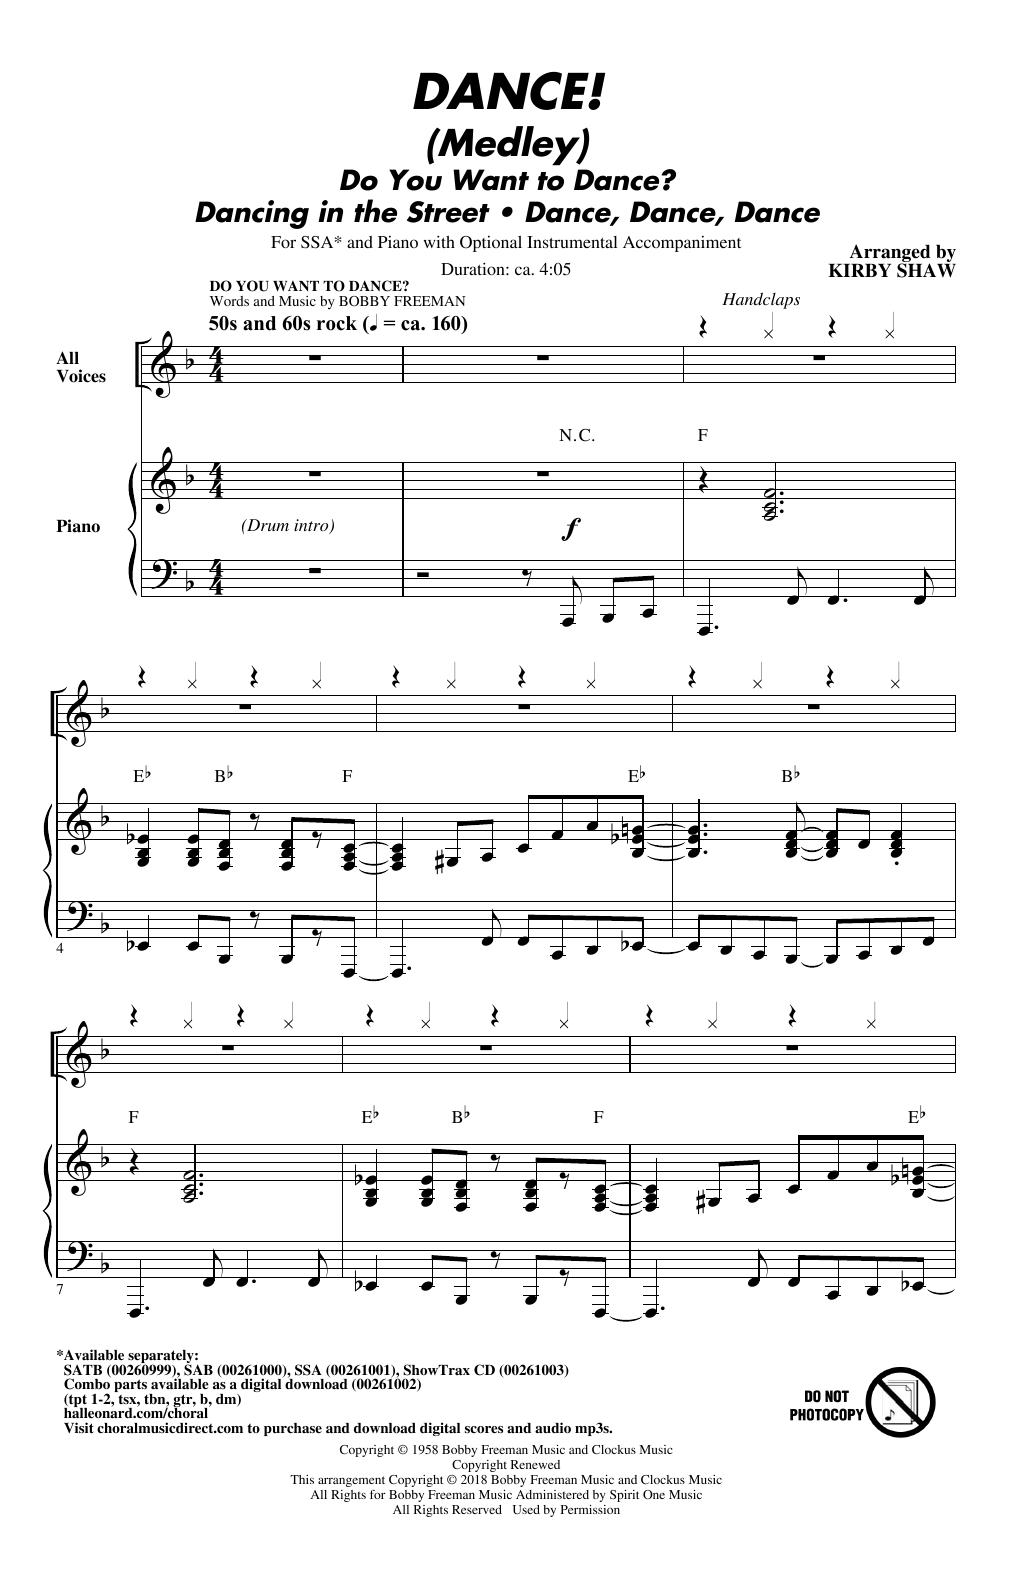 DANCE! (Medley) Sheet Music